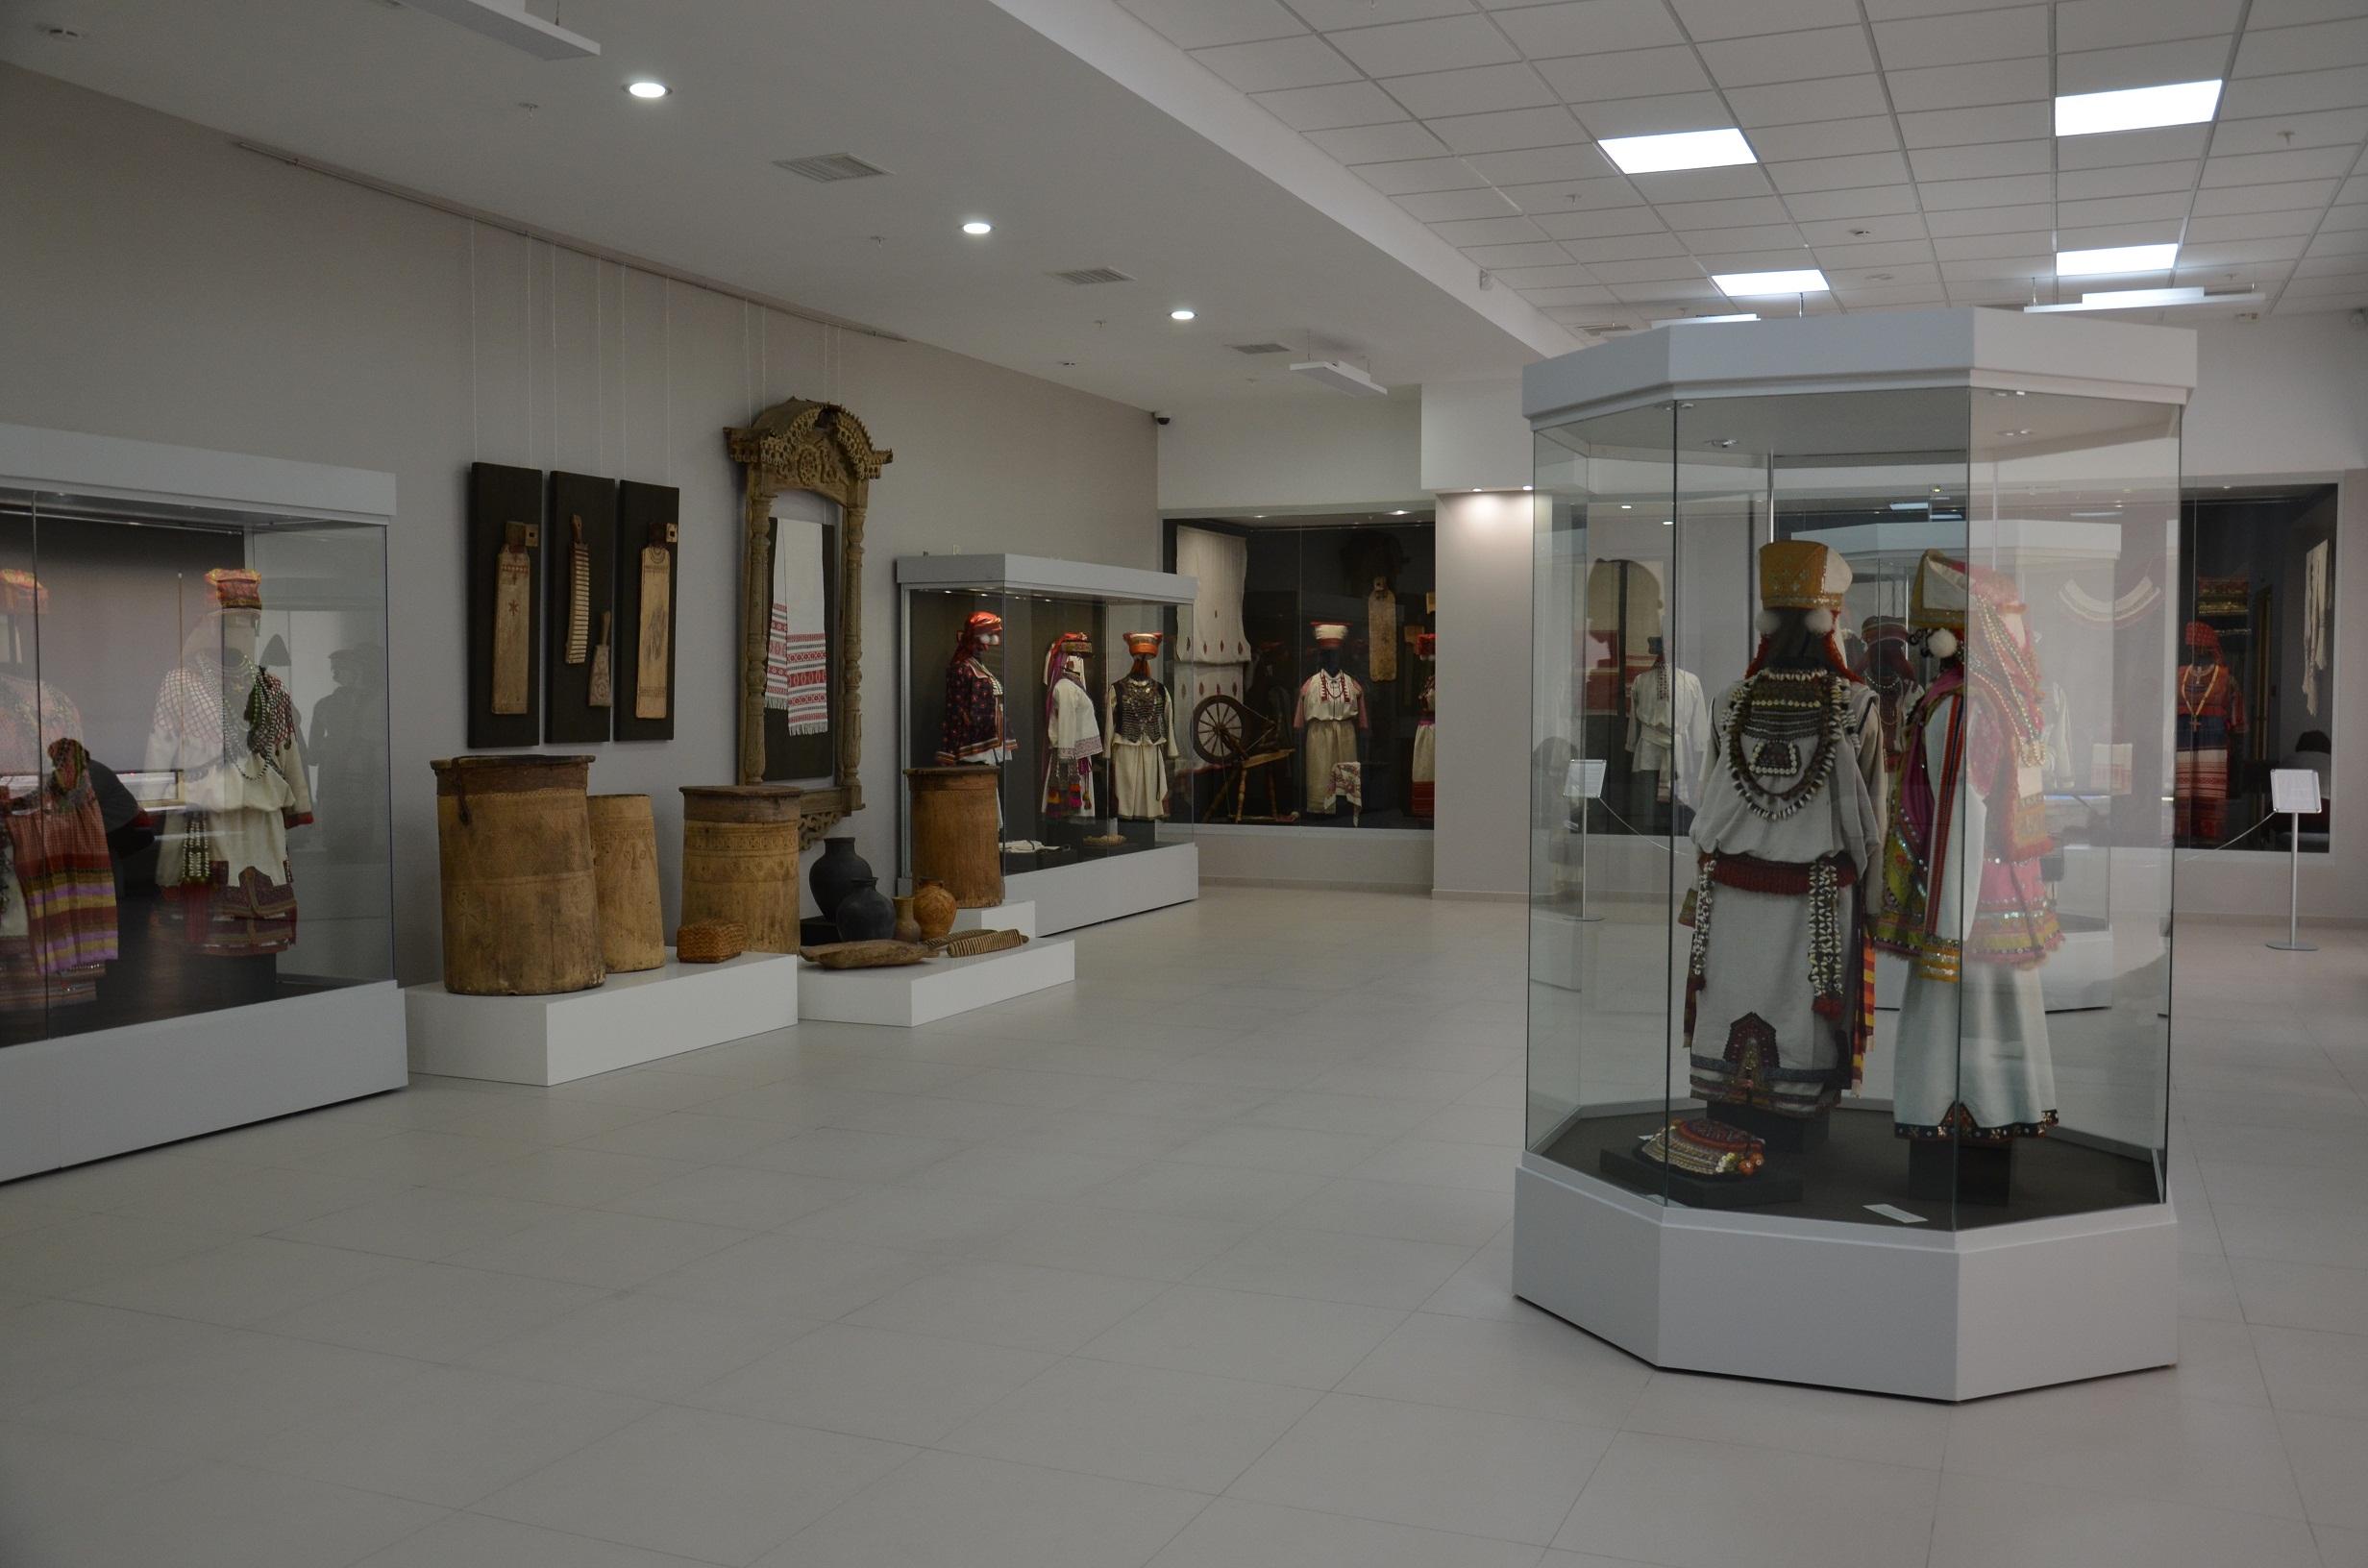 Мордовский республиканский музей изобразительных искусств имени С. Д. Эрьзи